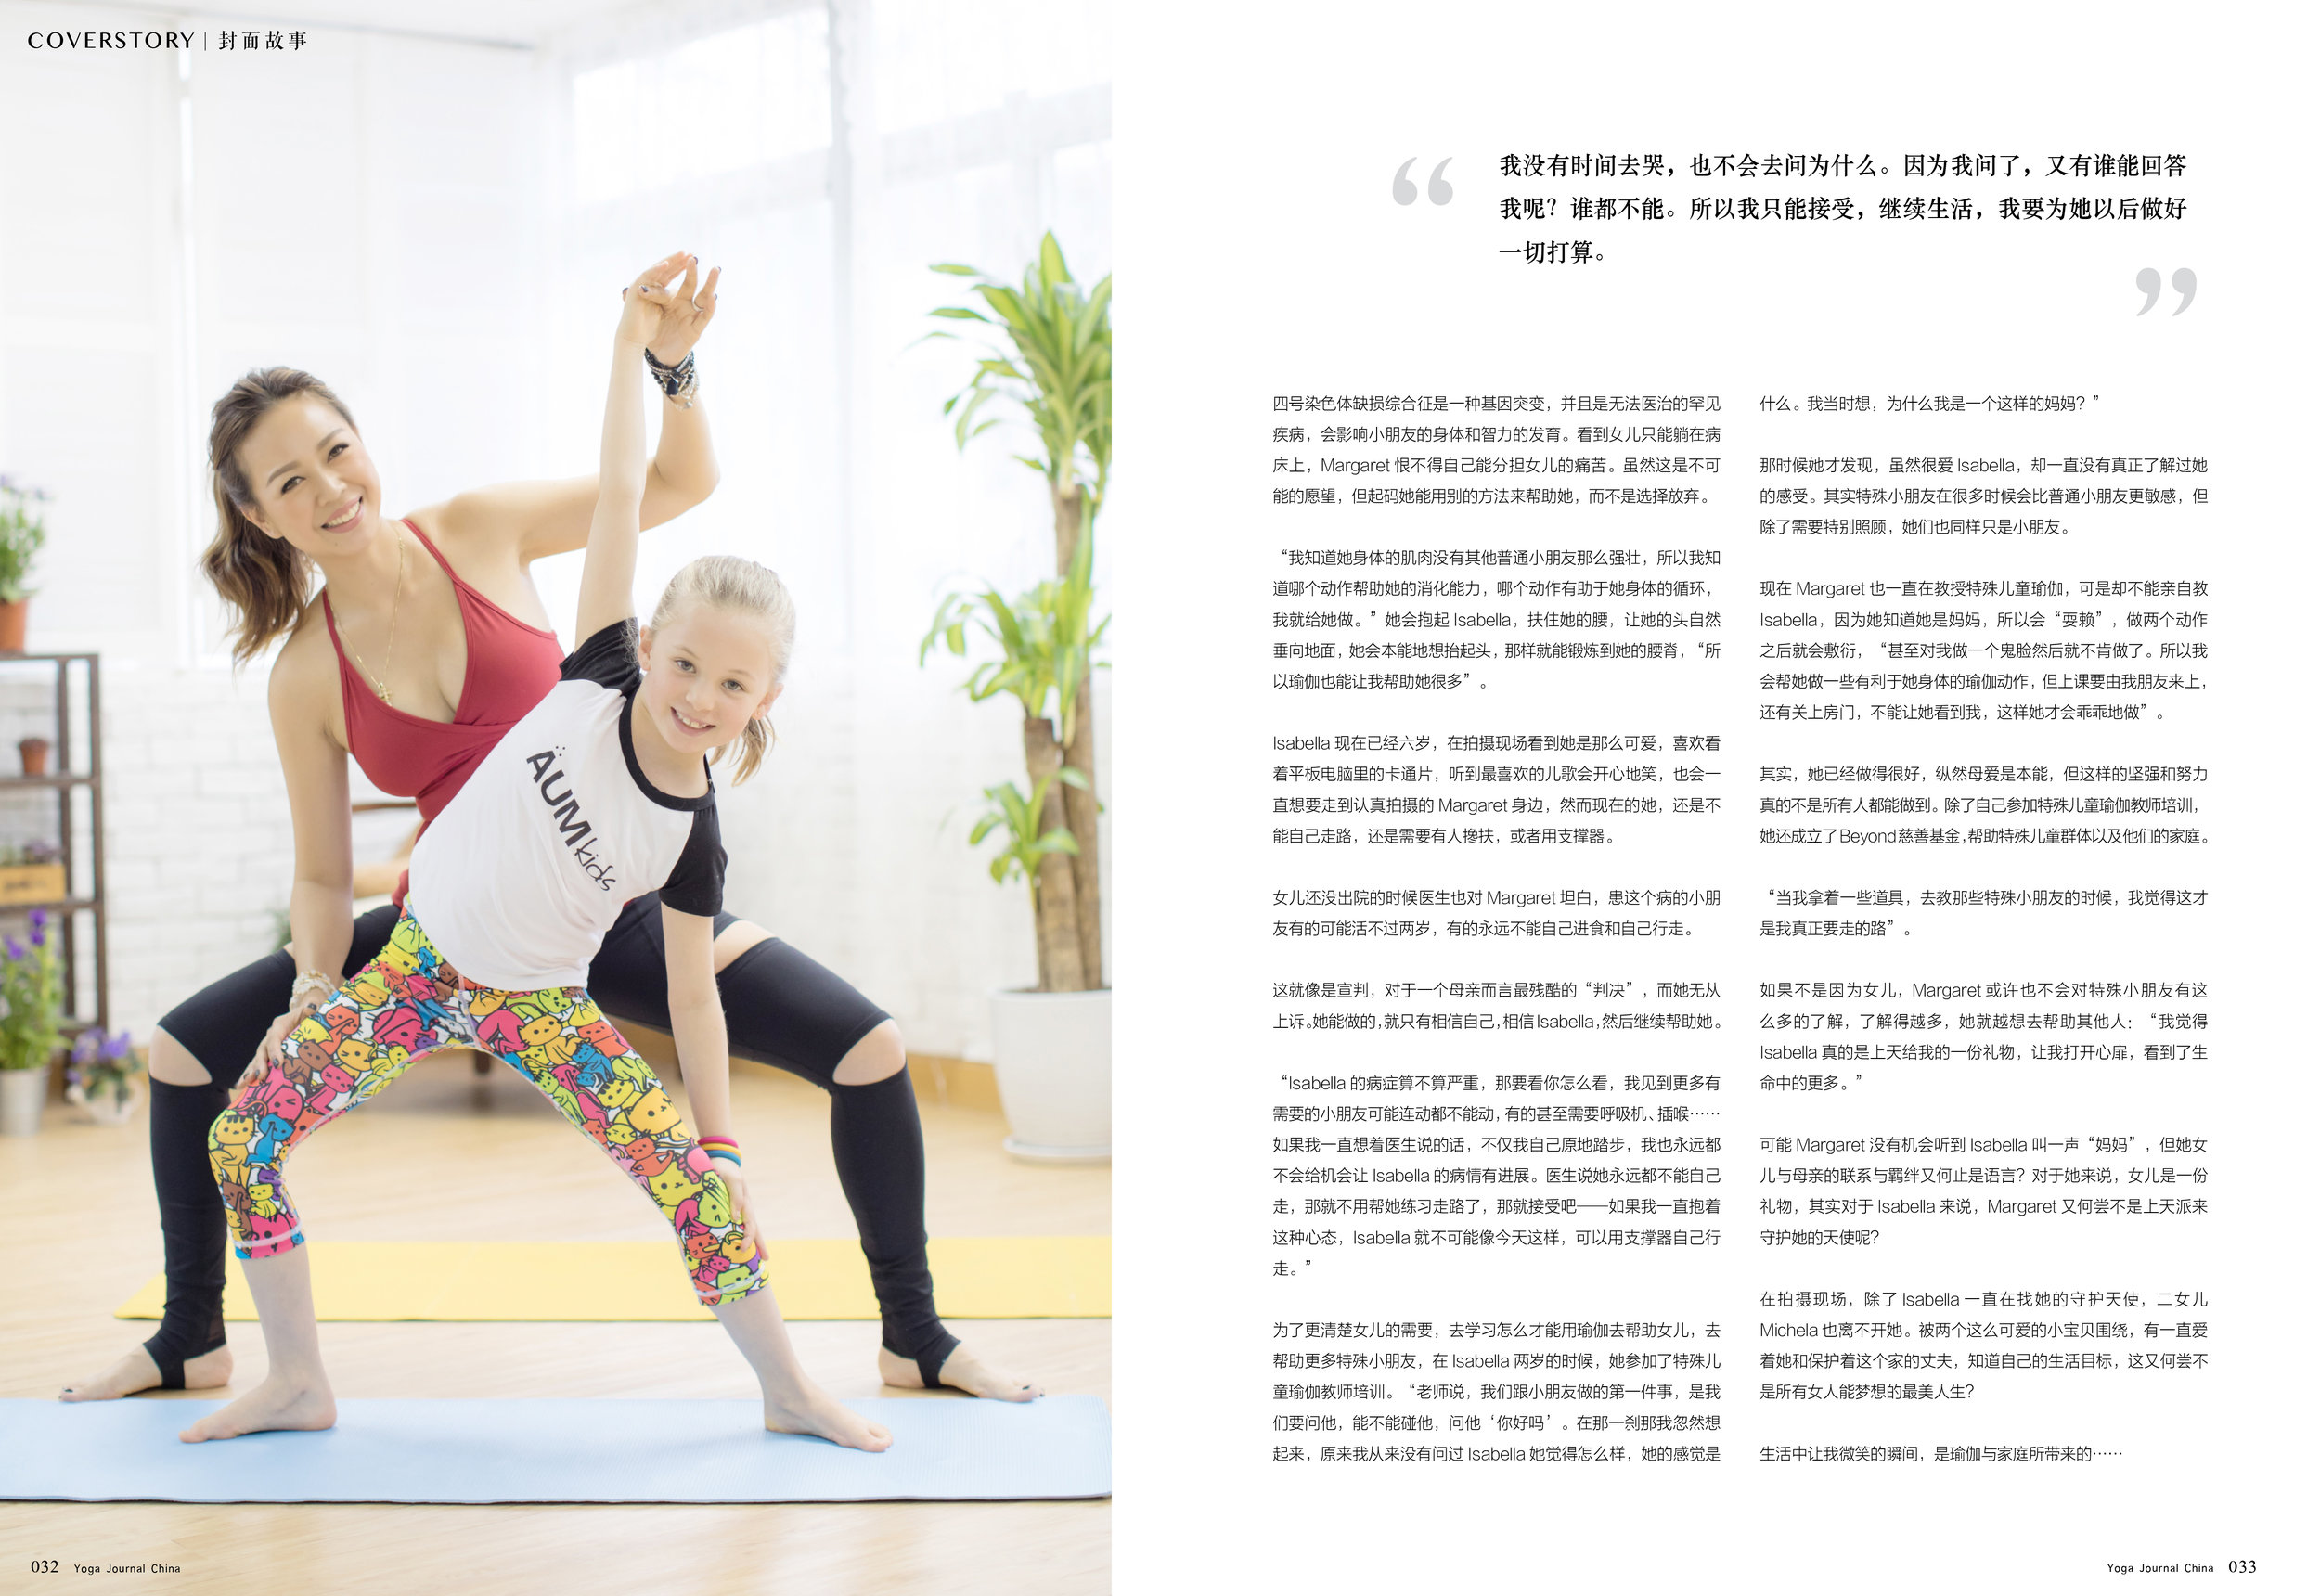 Yogajournal Coverstory Margaret Chung04.jpg